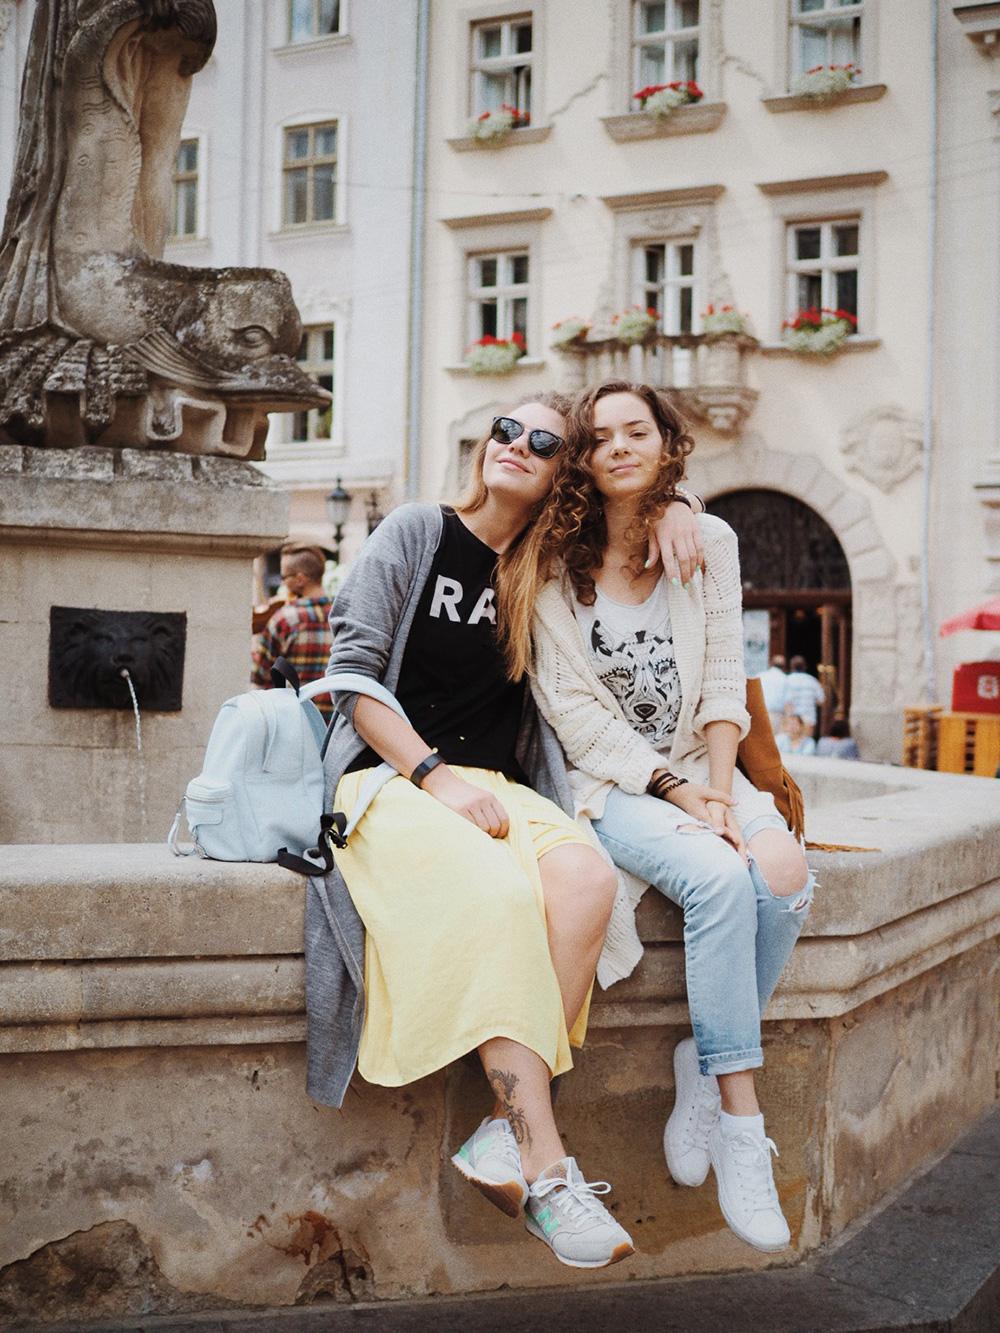 Львов, Площадь Рынок, Блог Марины Гиллер